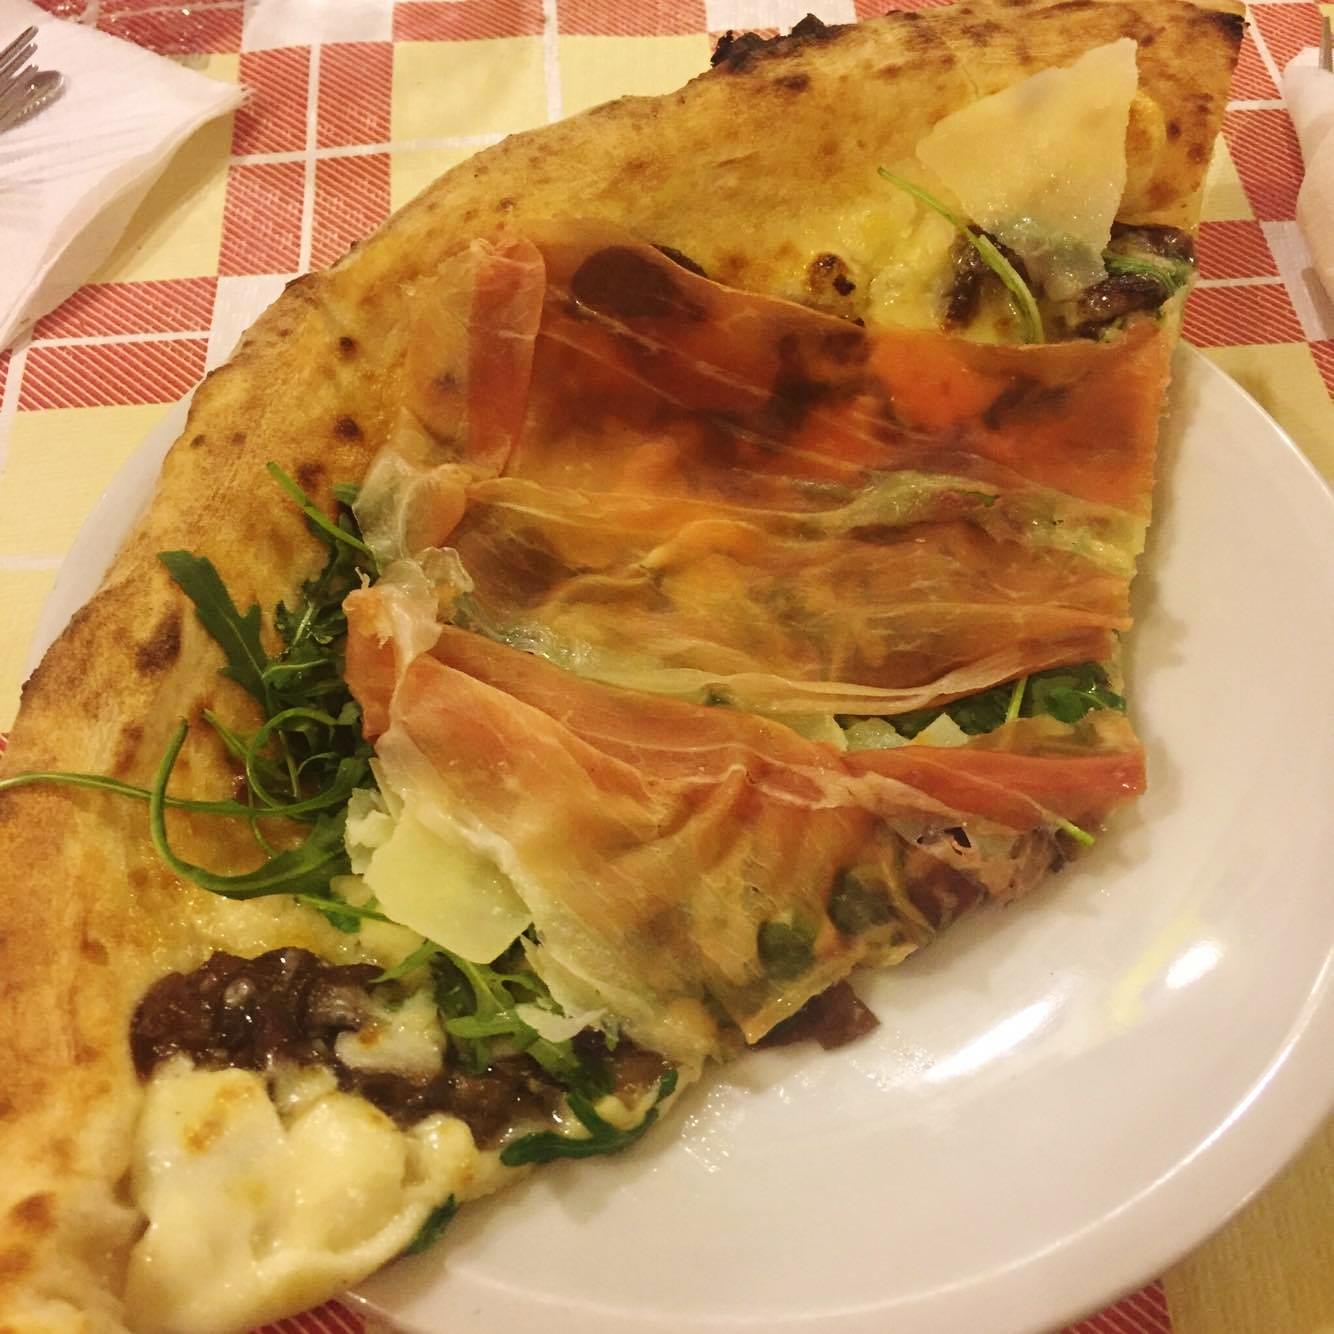 La pizza con prosciutto crudo, rucola, funghi porcini, fiordilatte e scaglie di Grana di Gigi Cacialli